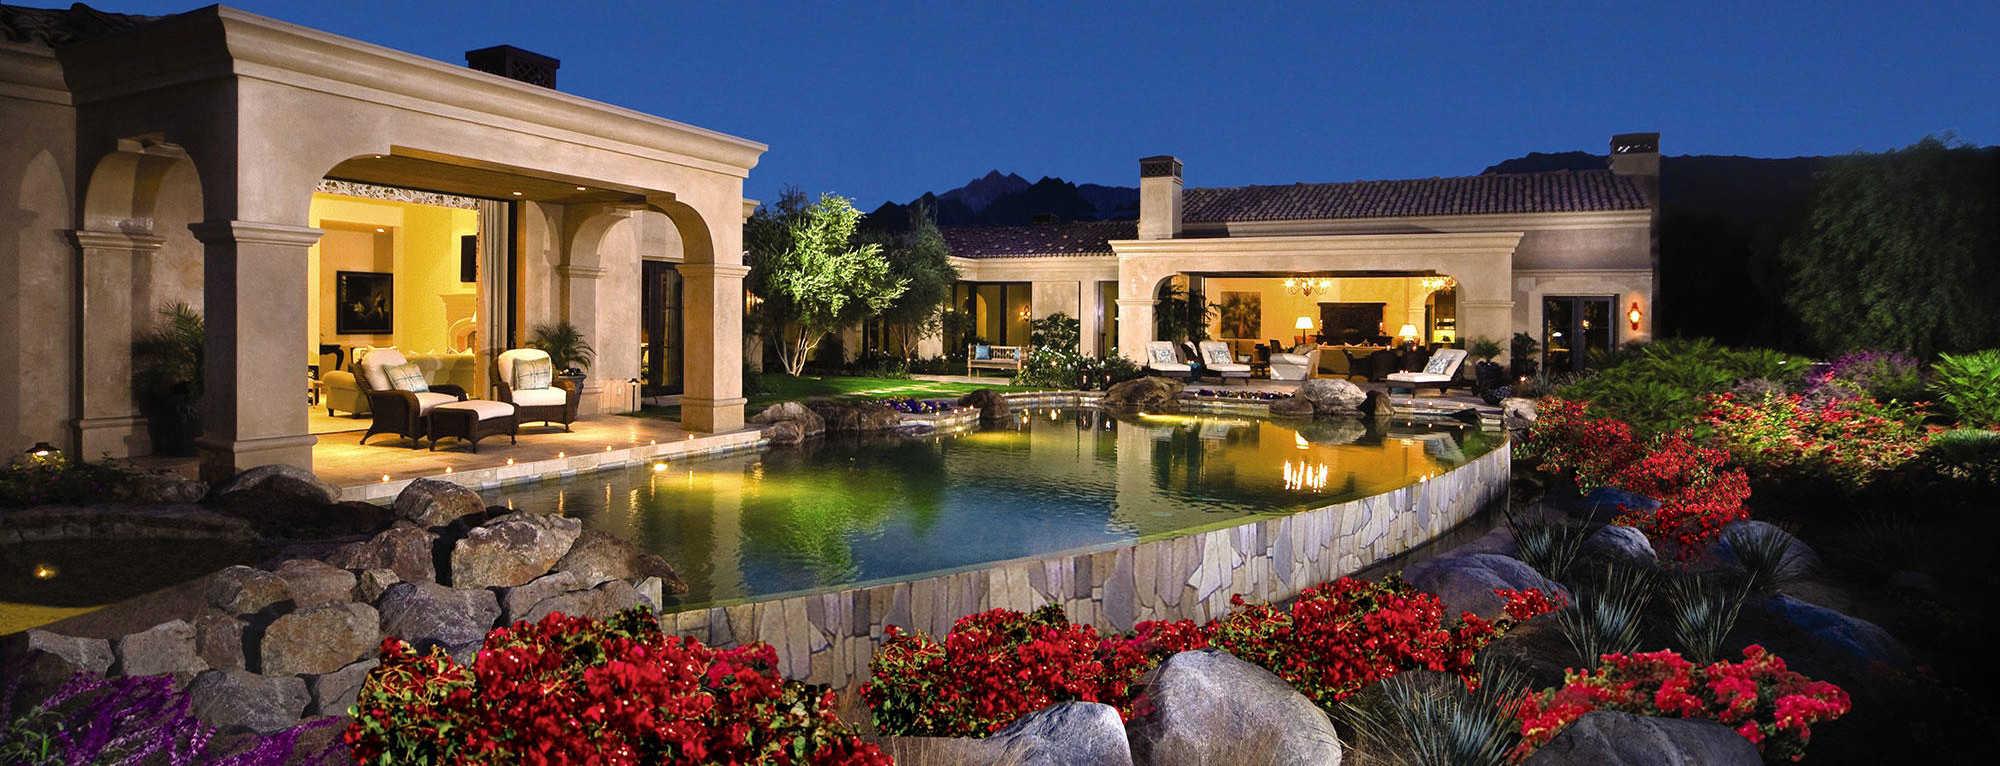 $7,950,000 - 5Br/7Ba -  for Sale in Bighorn Golf Club, Palm Desert